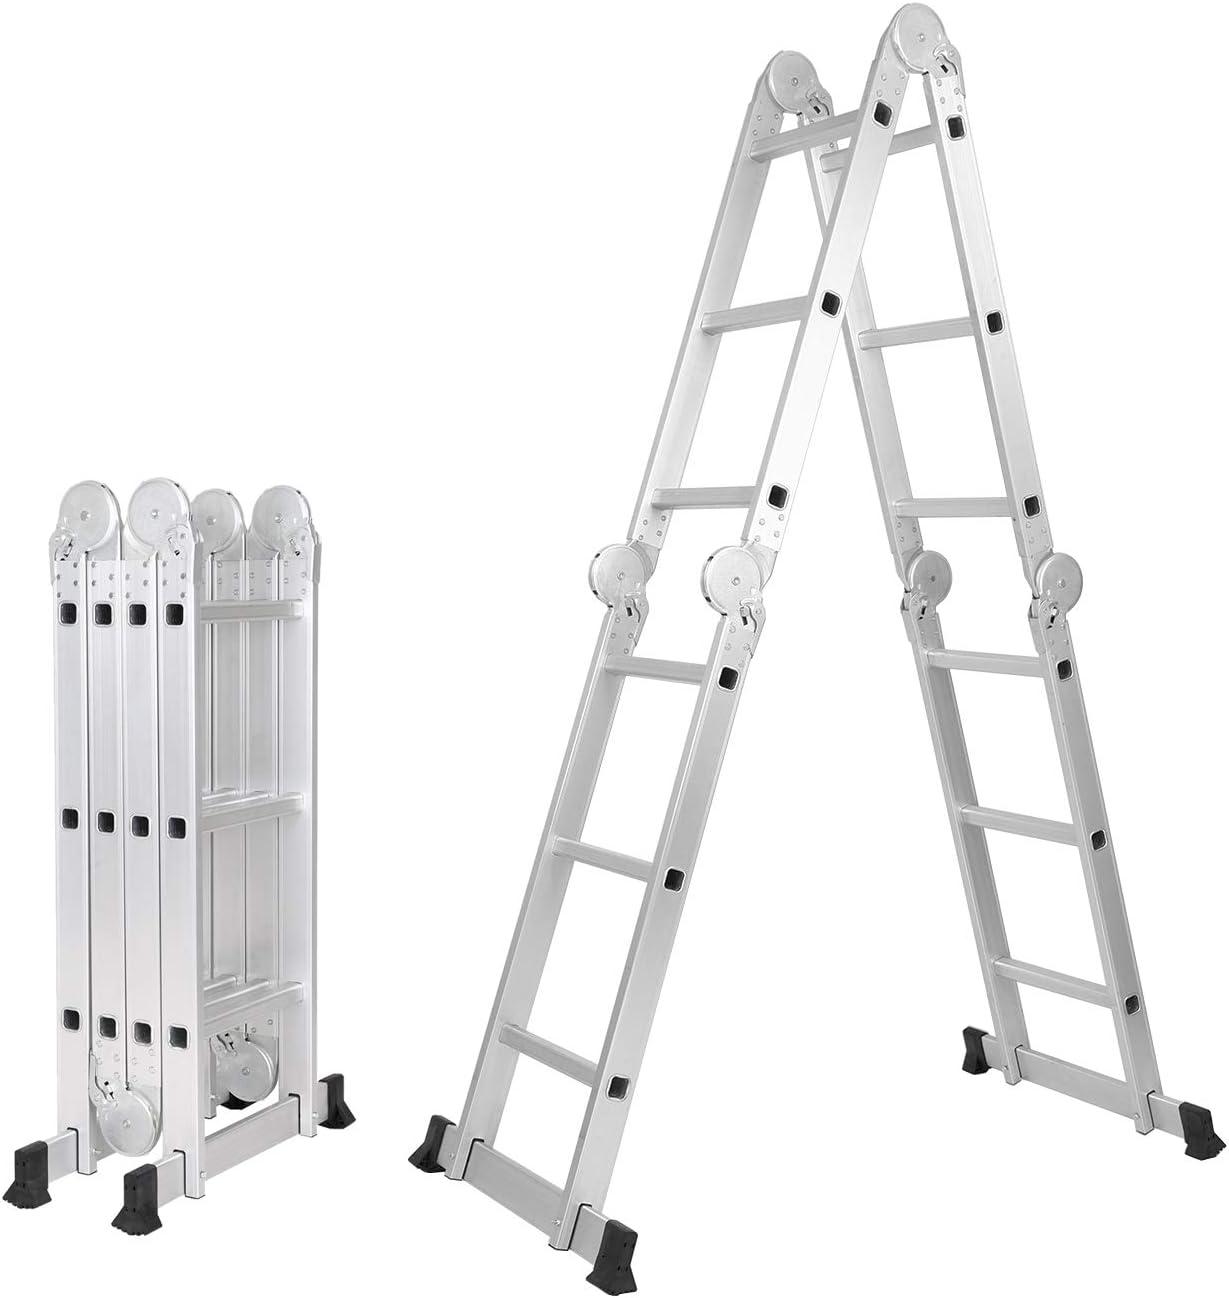 SogsHome 3.7M Escalera Multiuso Multifuncional Plegable Aluminio Escalera Telescópica Escalera Alta Multifuncional Portátil para Loft 12 Escalones Antideslizantes ,SH-KS-MS-403G: Amazon.es: Bricolaje y herramientas